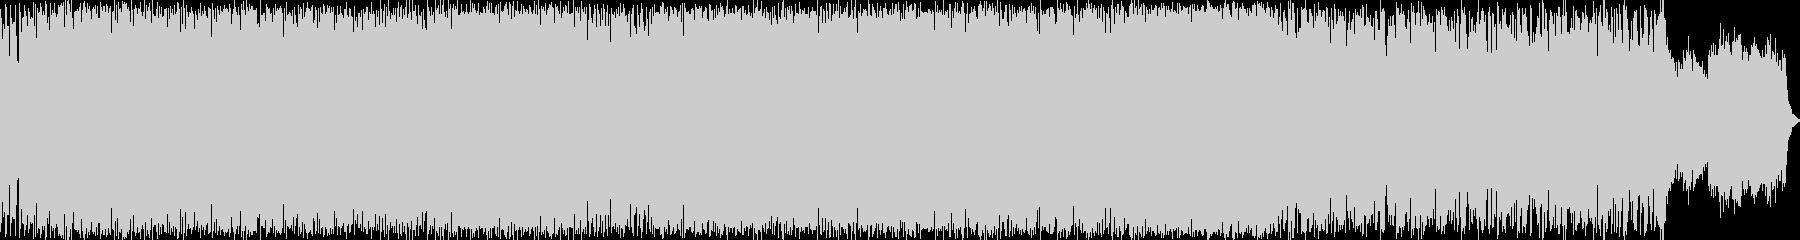 ラテンテイストのピアノインストの未再生の波形